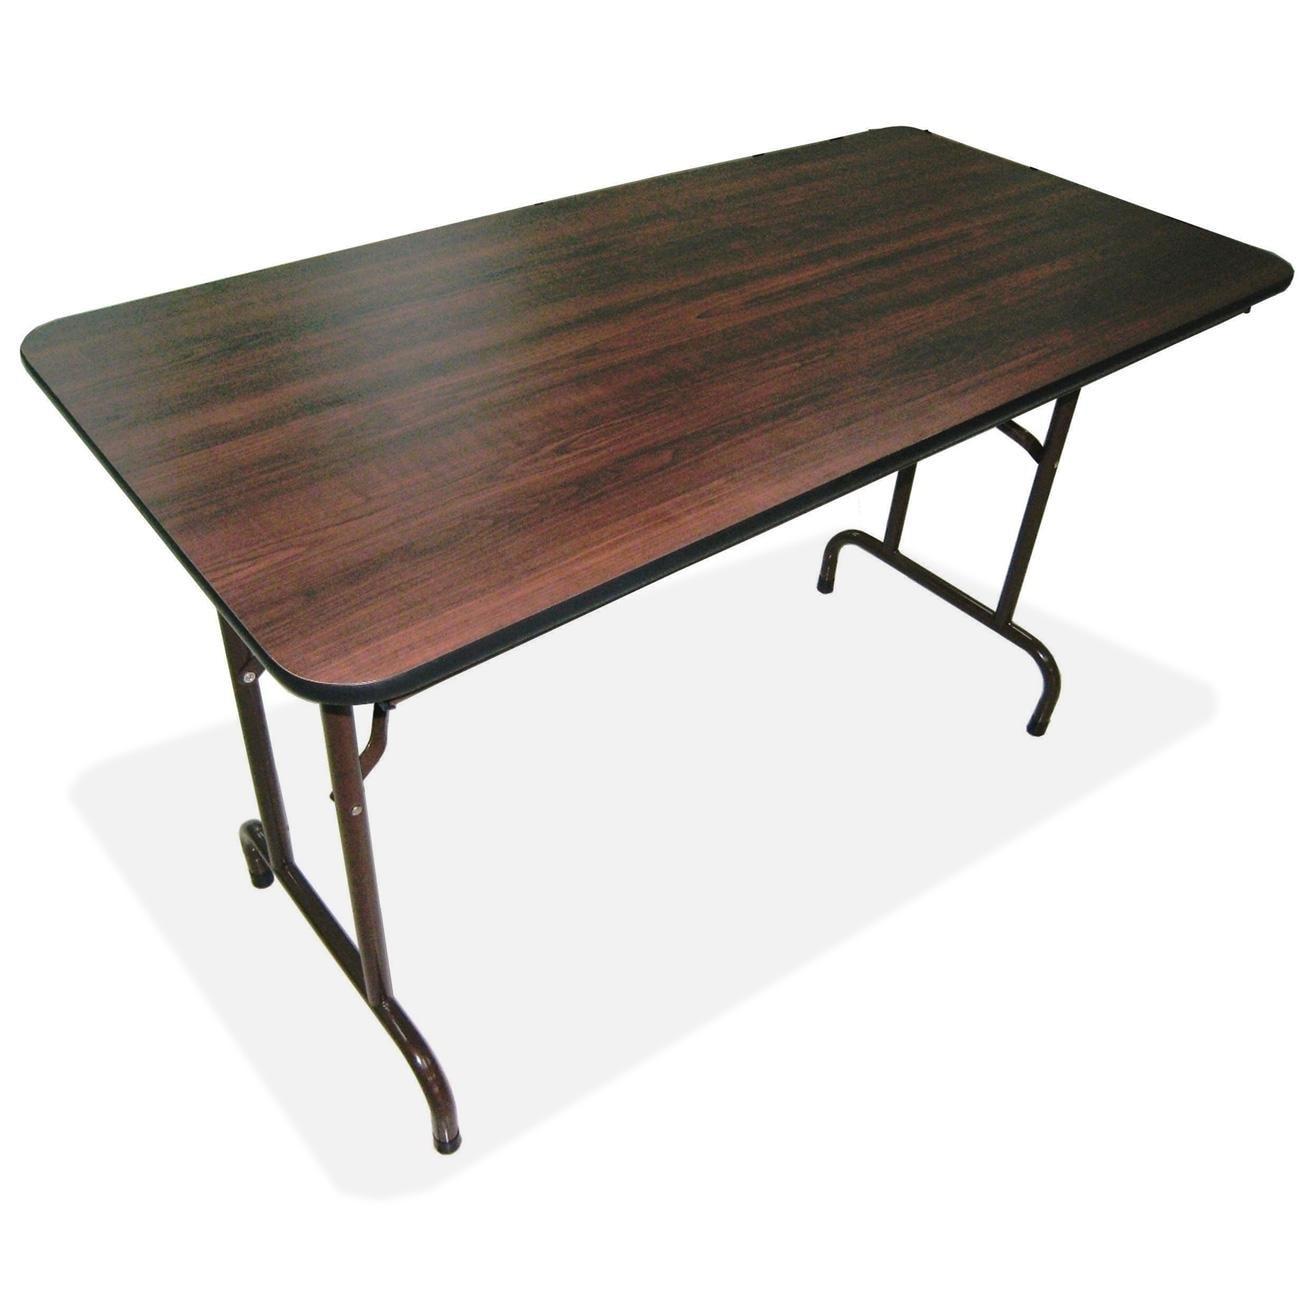 Lorell Mahogany 60-inch x 30-inch Economy Folding Table ...